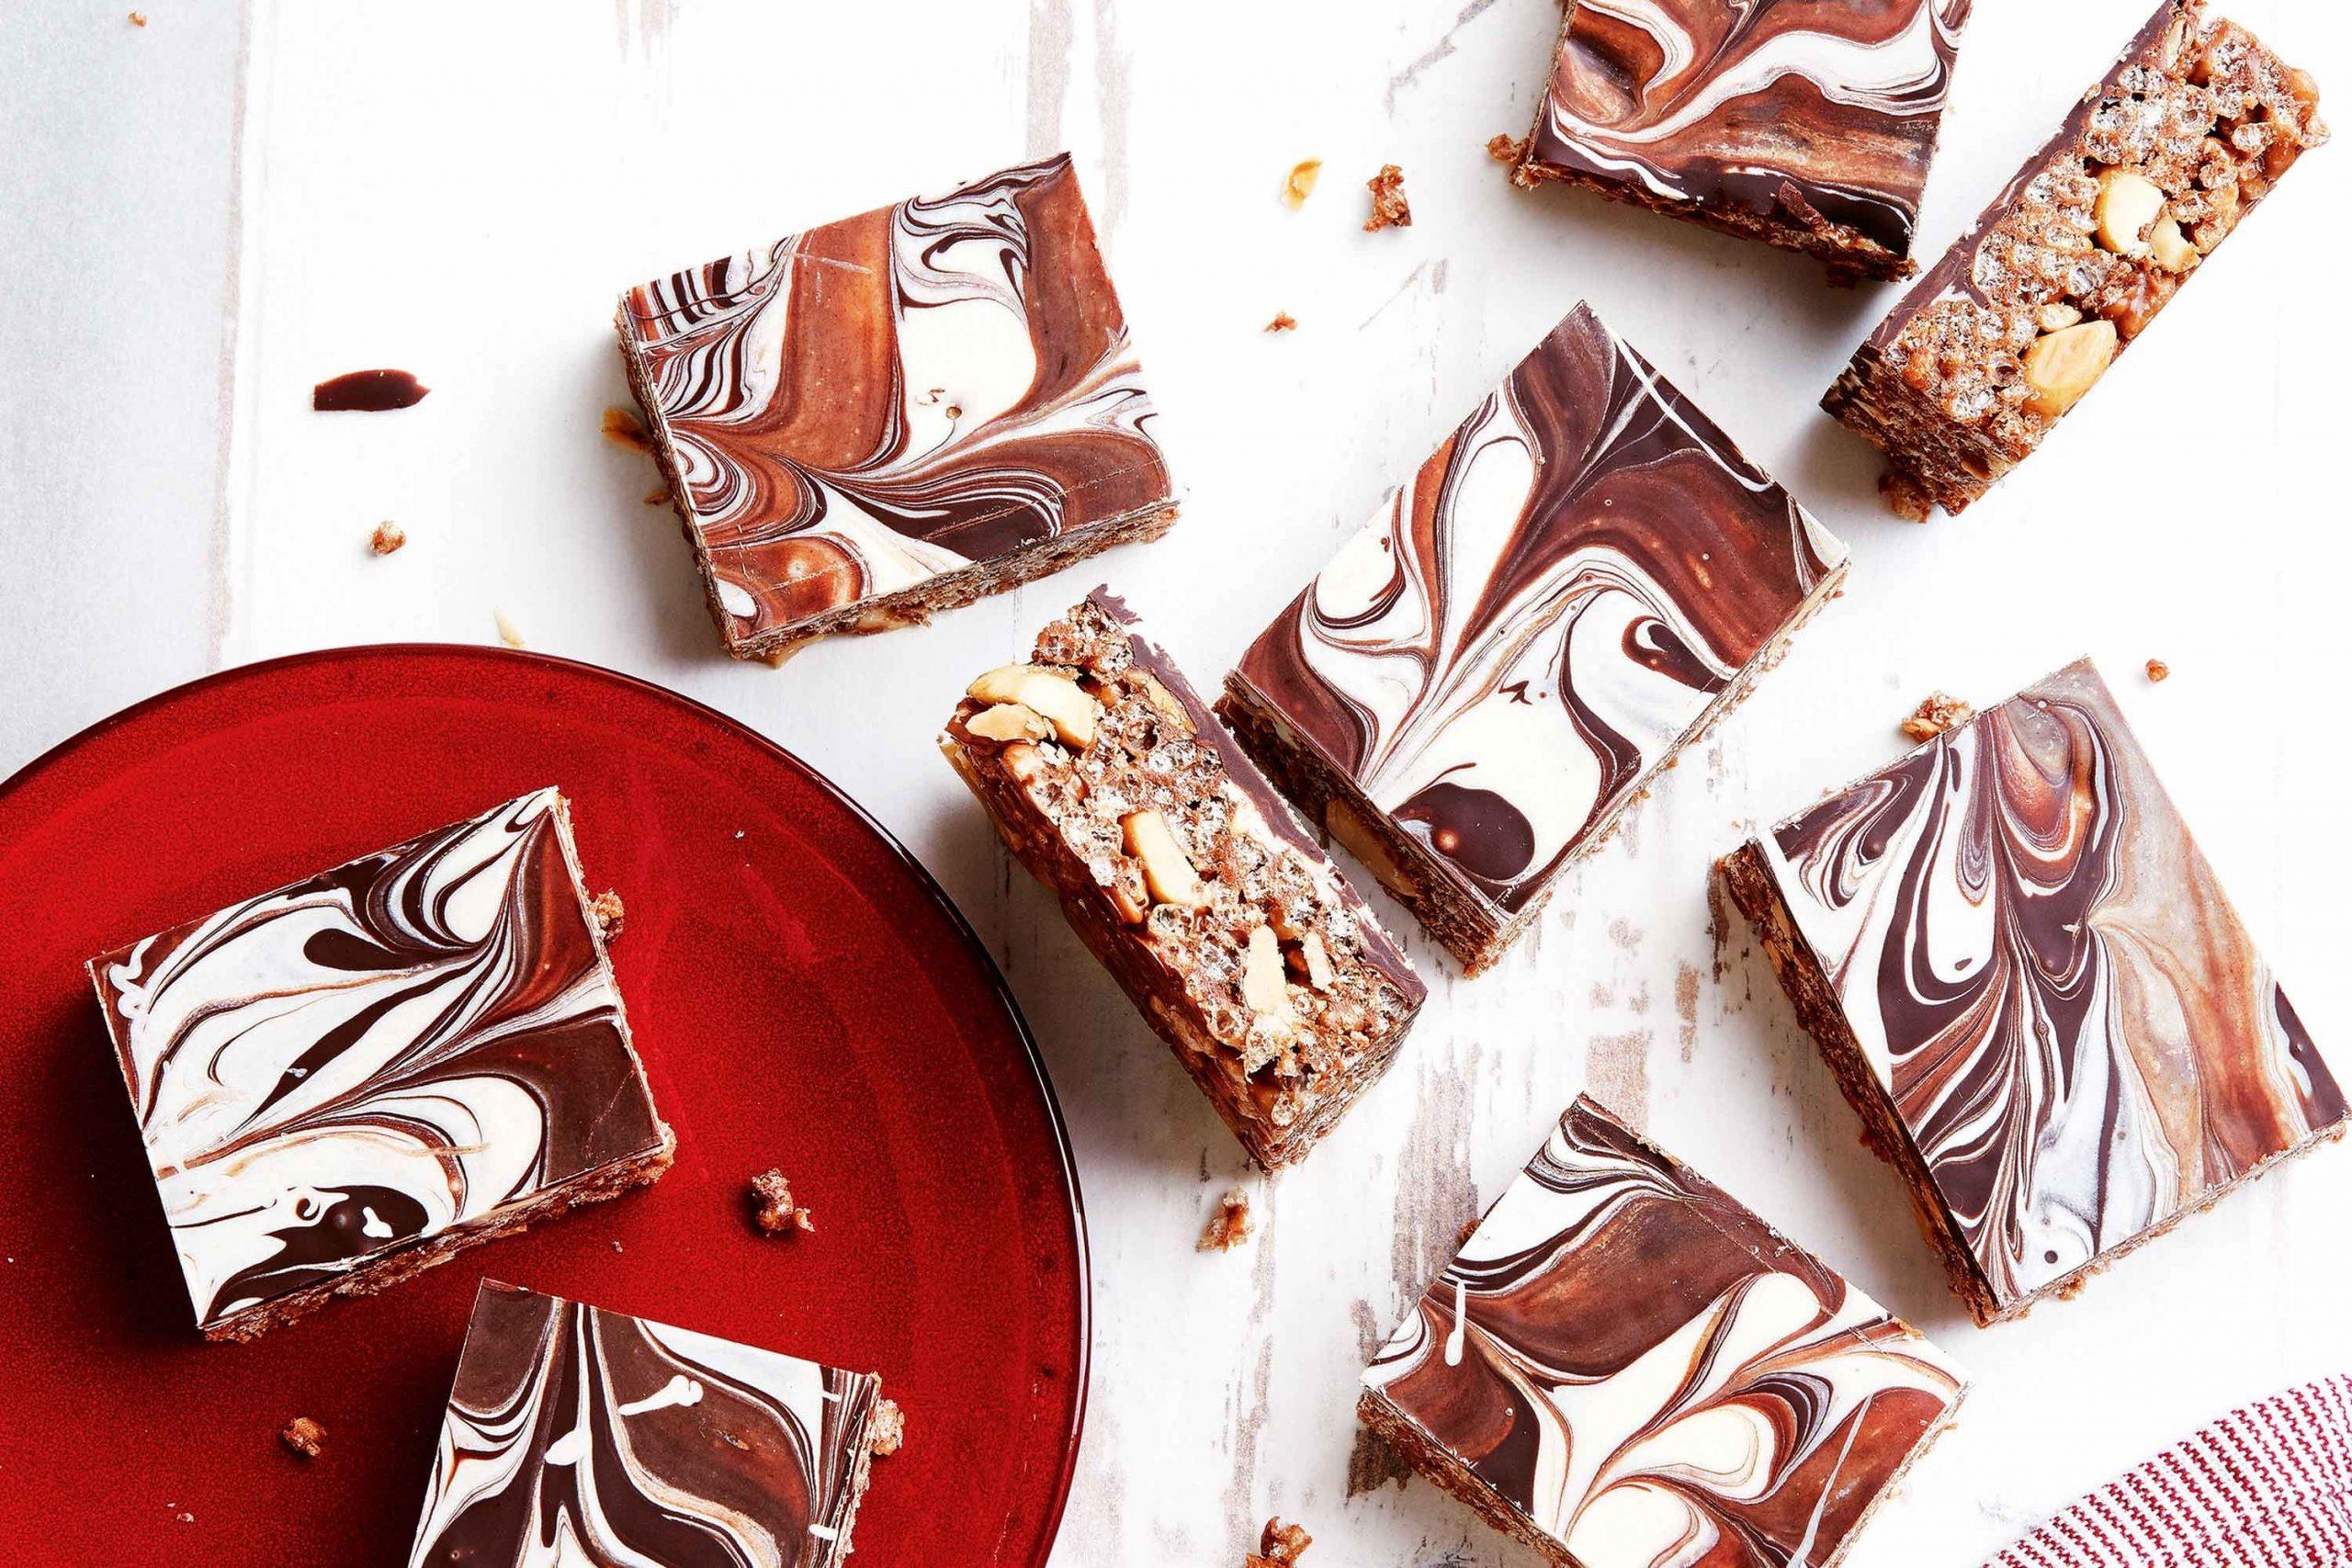 Quadrados de chocolate com amendoim